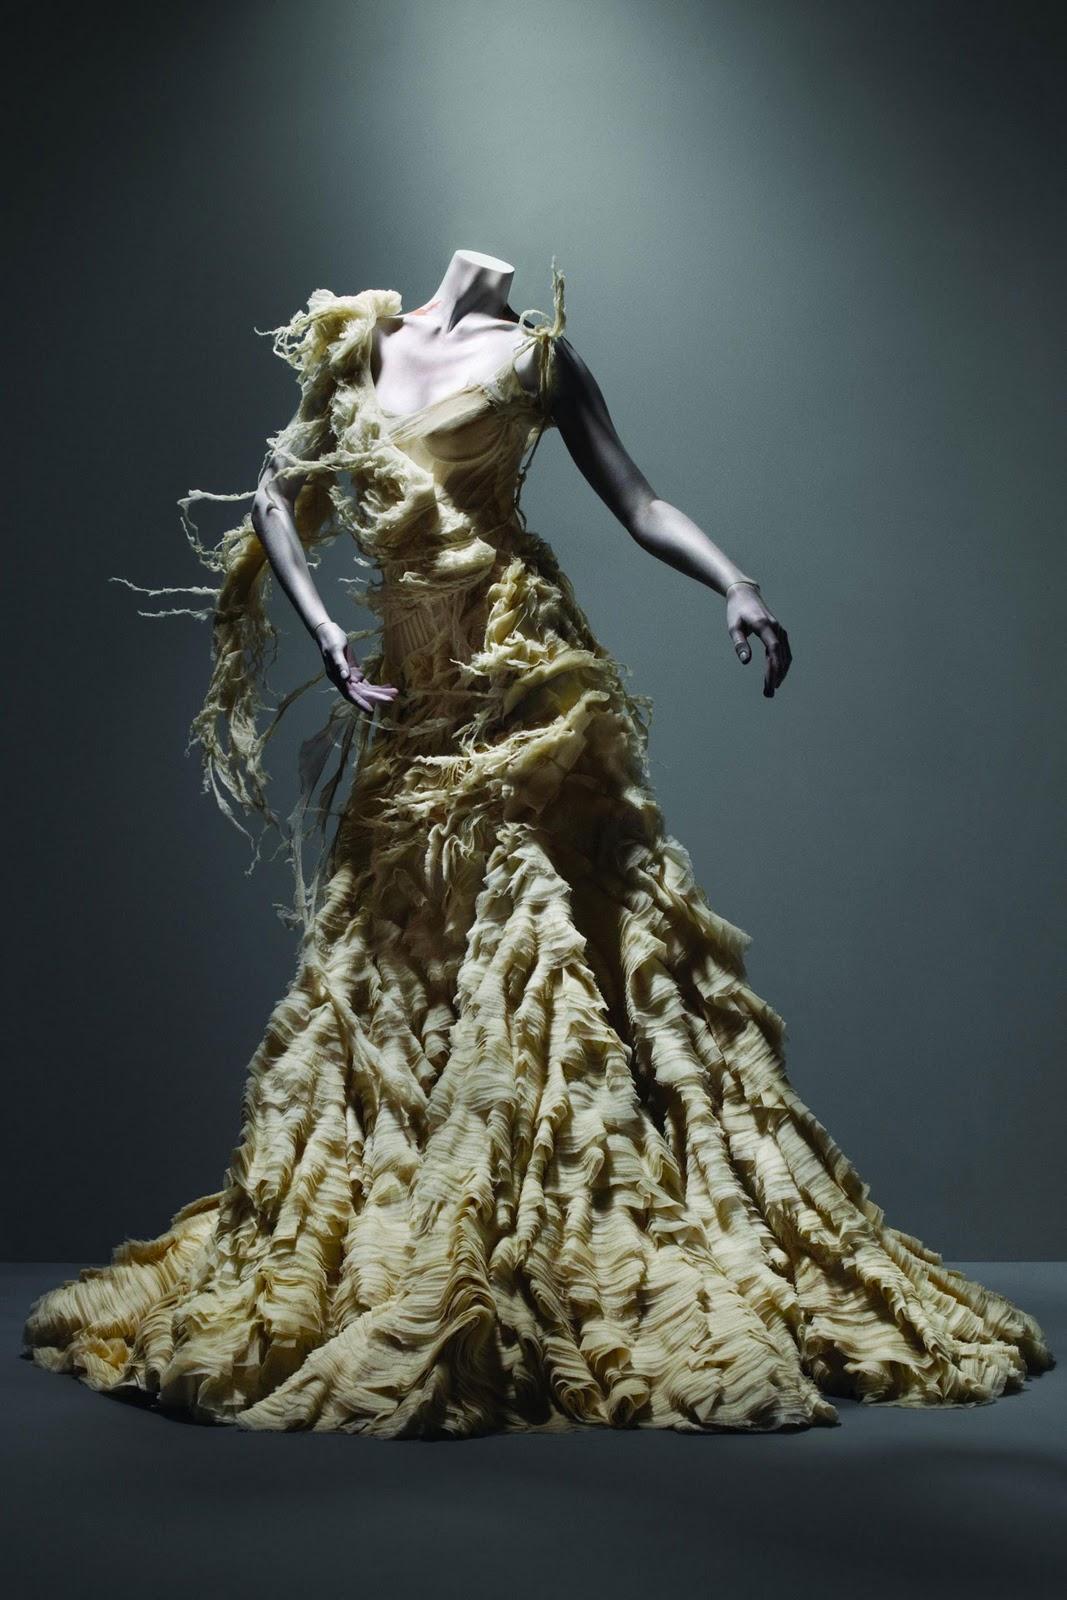 Alexander McQueen. Savage Beauty